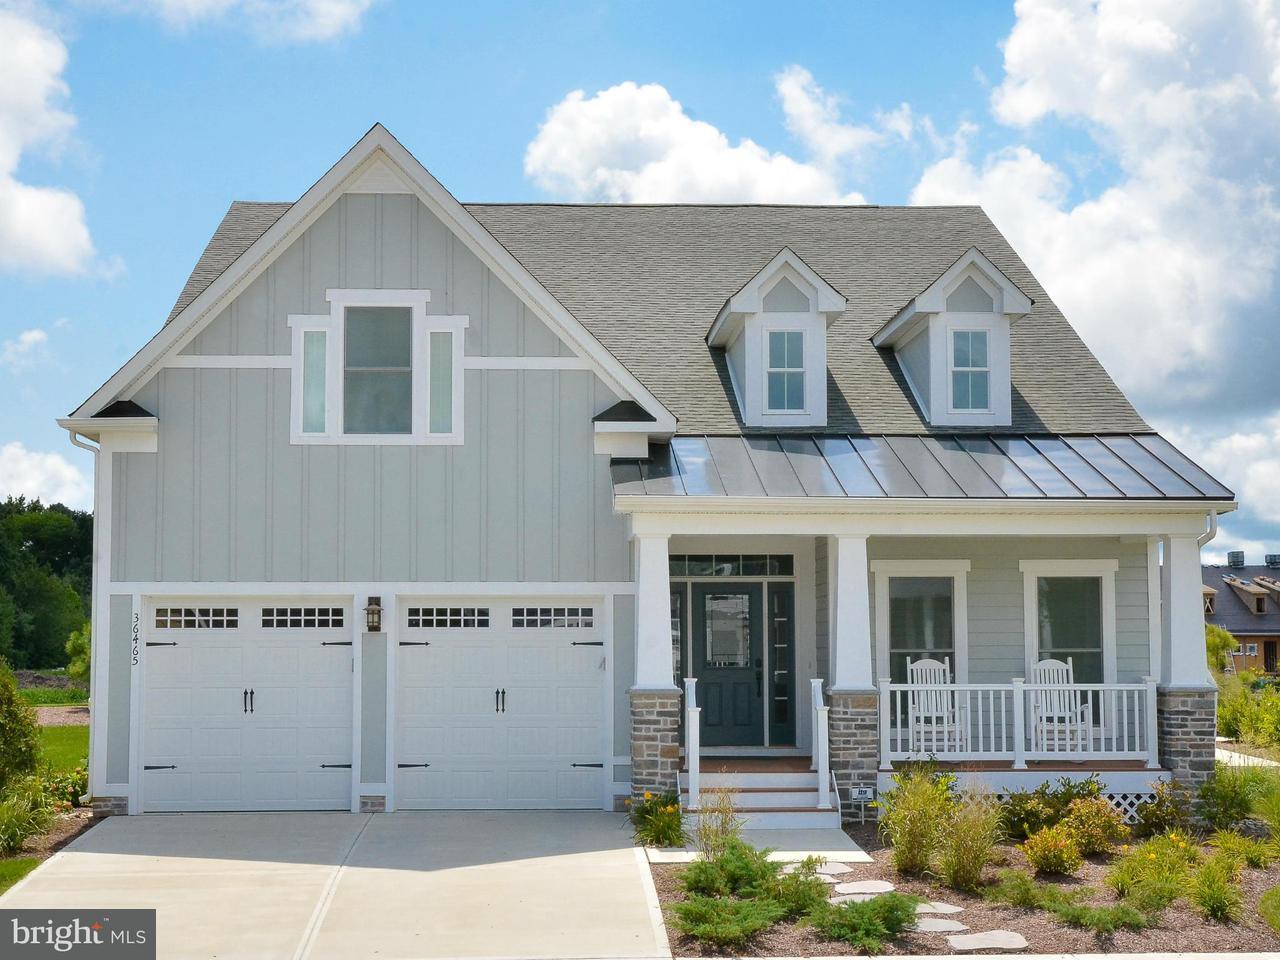 Einfamilienhaus für Verkauf beim 1420 CATBRIAR WAY 1420 CATBRIAR WAY Odenton, Maryland 21113 Vereinigte Staaten